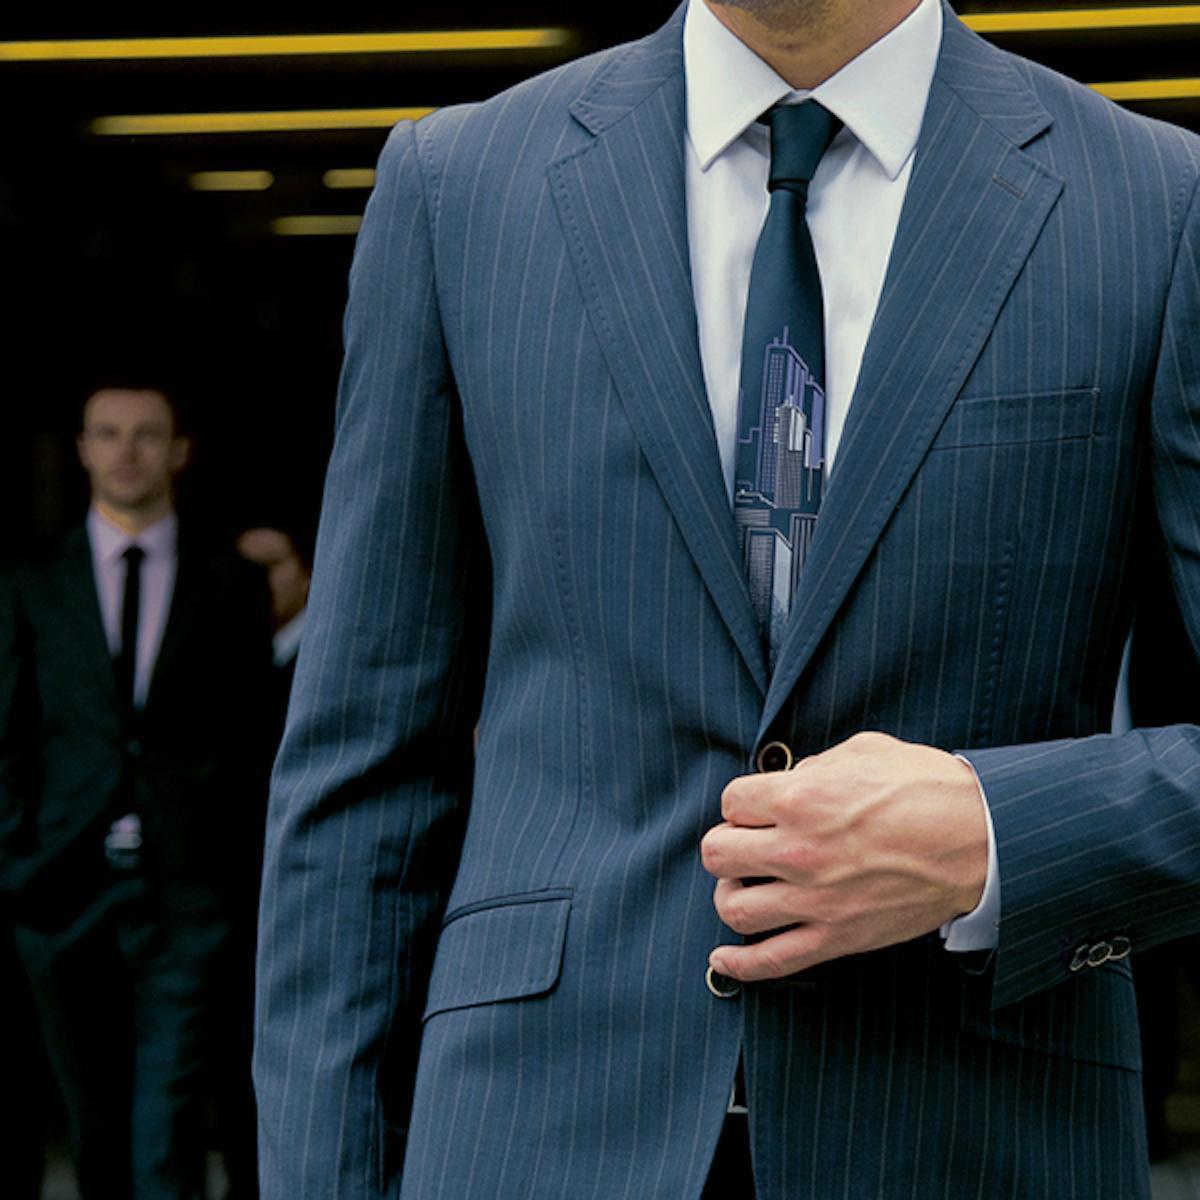 Elegant and strict classic men